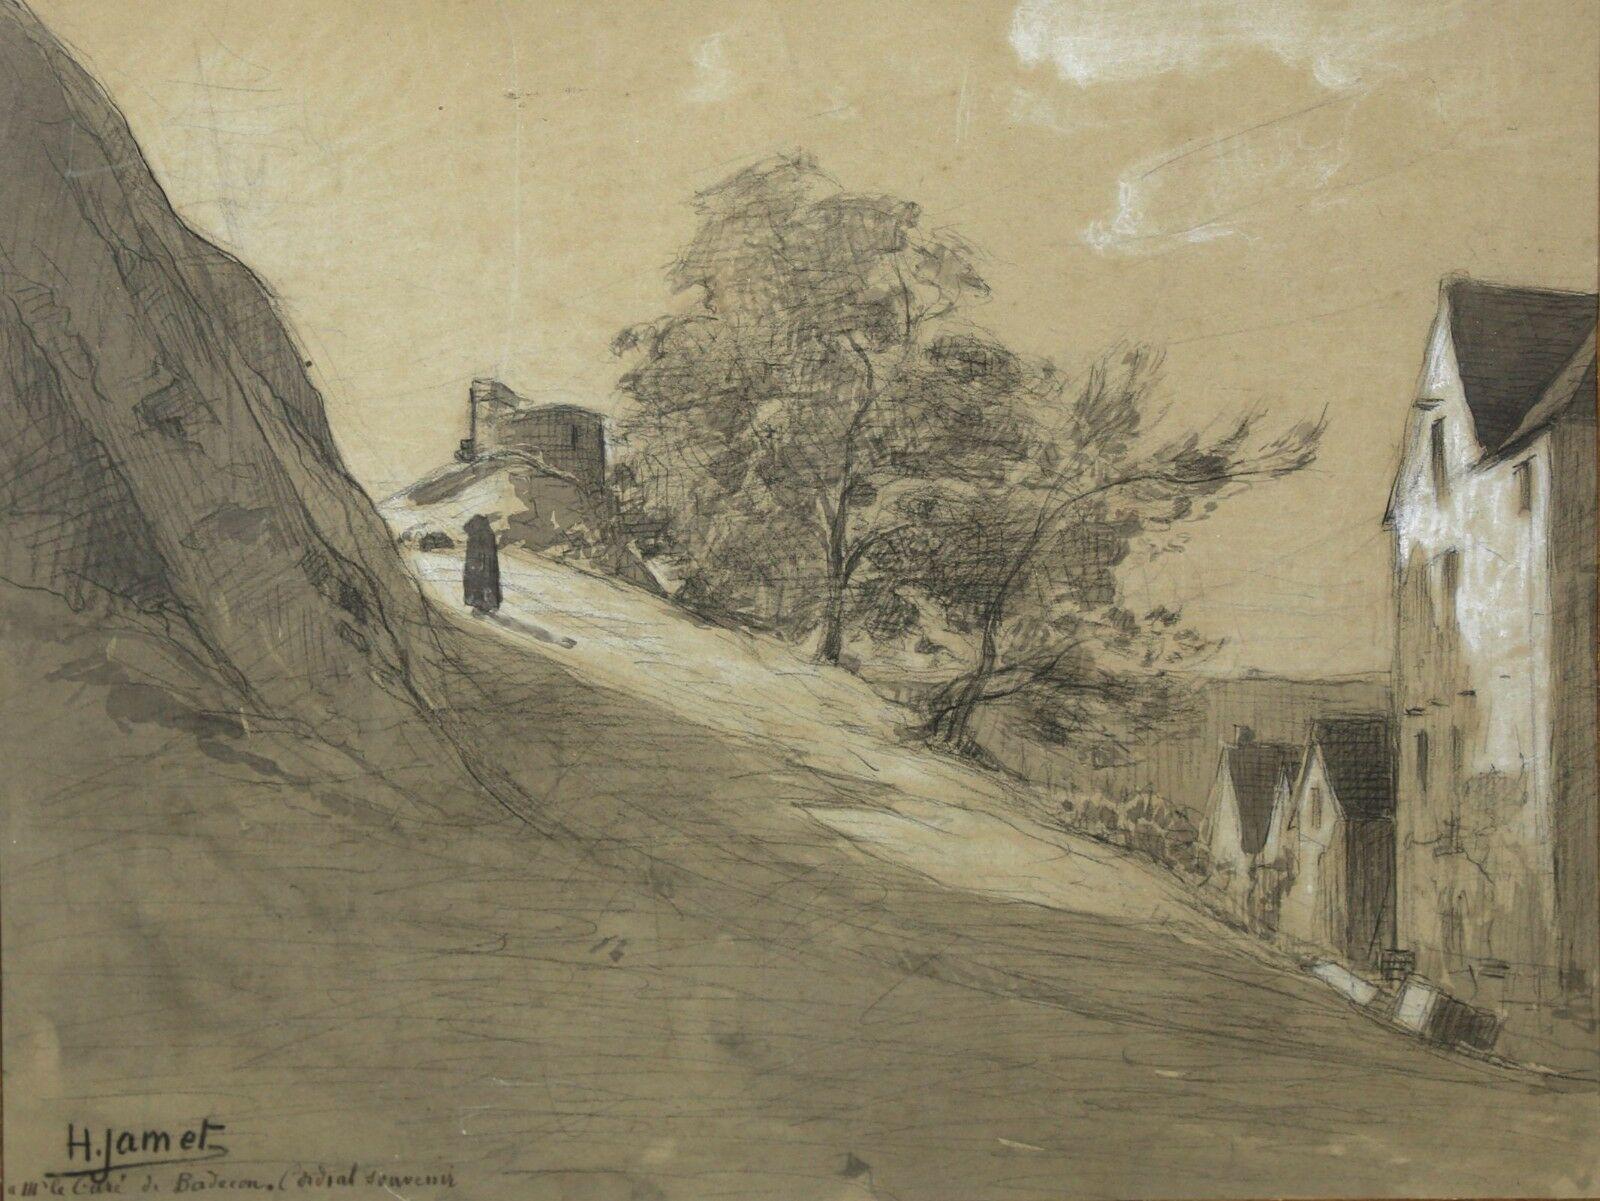 Henri-Pierre-JAMET-1858-1940dédicace-curé-de-Badecon-le-Pin-Crozant